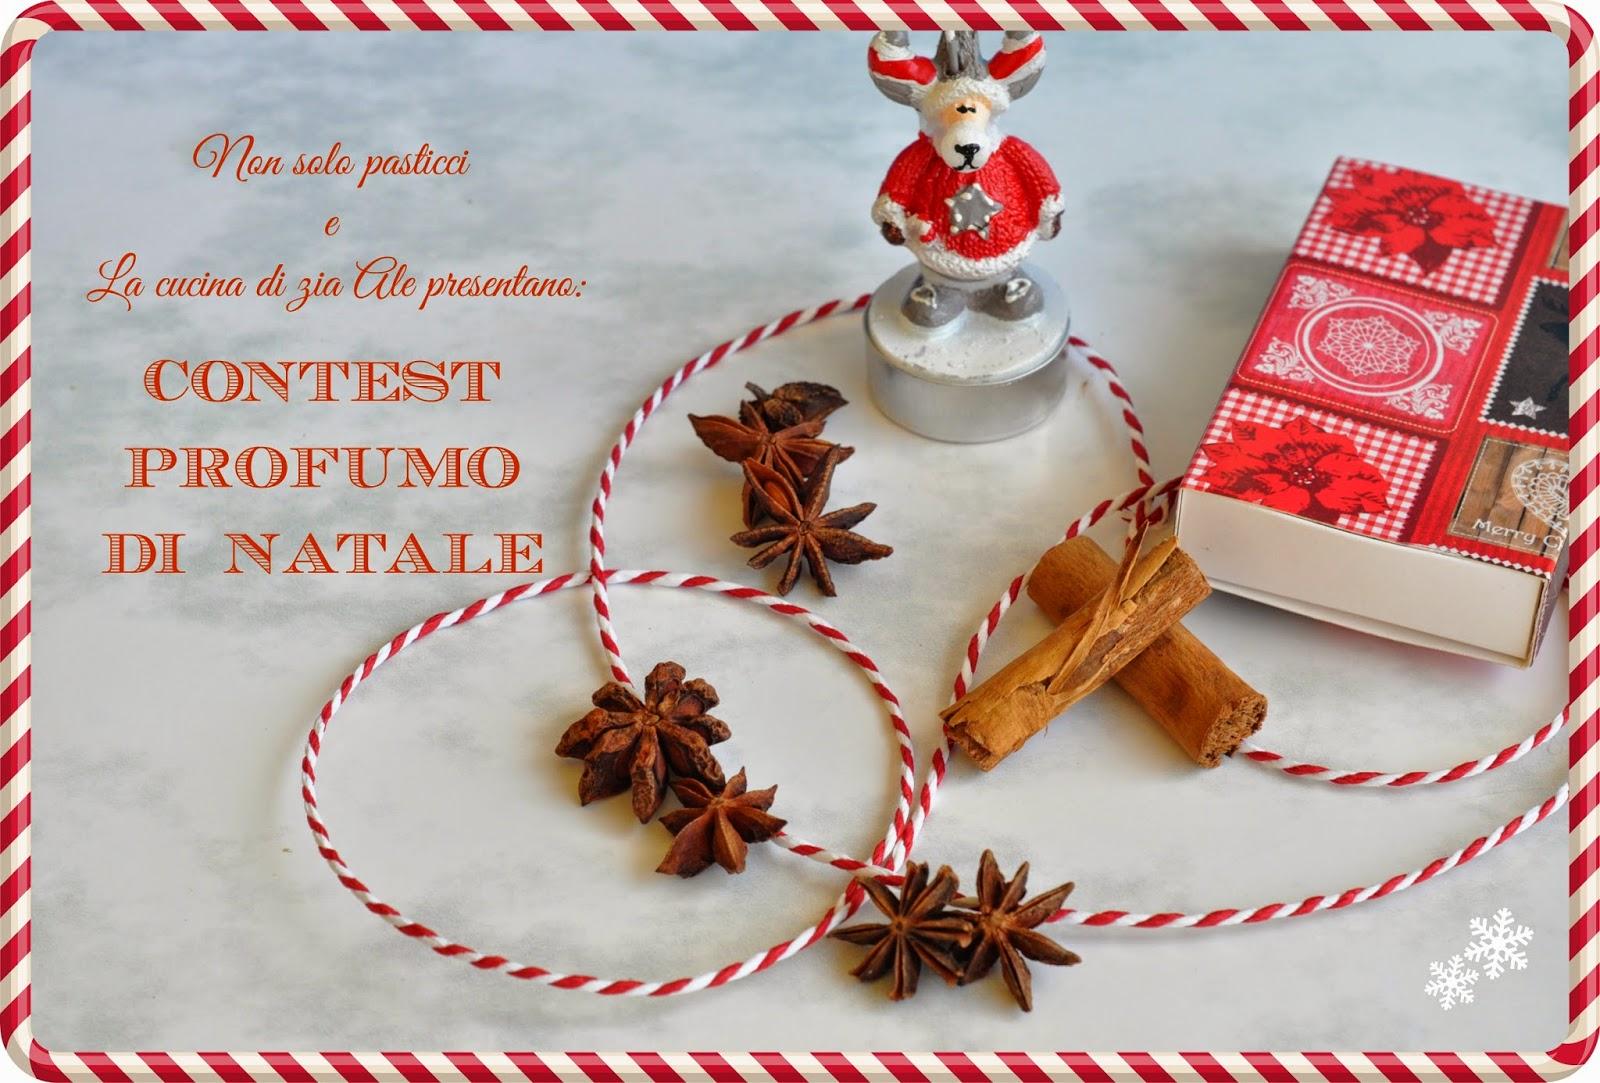 """Contest: """"Profumo di Natale"""""""